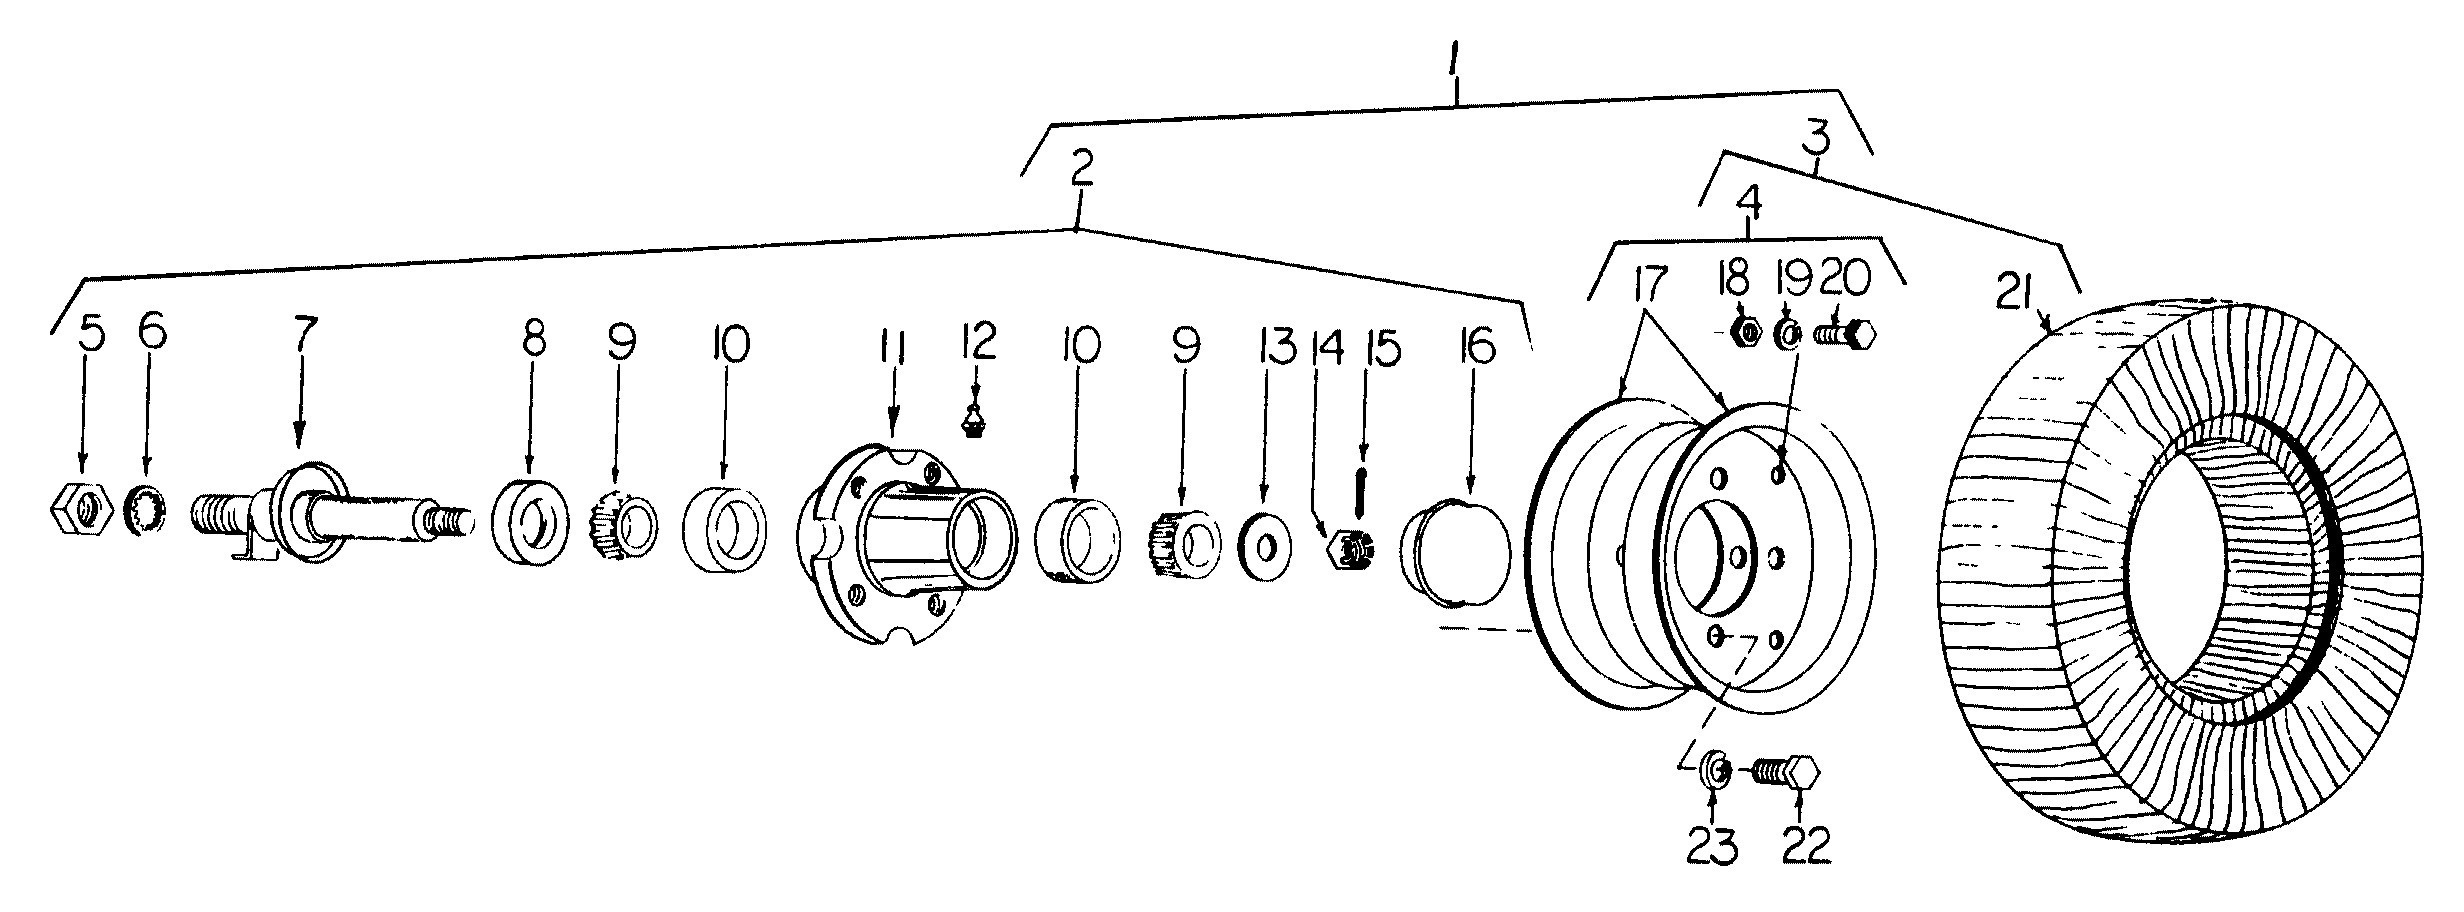 Car Starter Parts Diagram Wheel Bearing assembly Diagram Car Diagram Extraordinary Car Starter Of Car Starter Parts Diagram